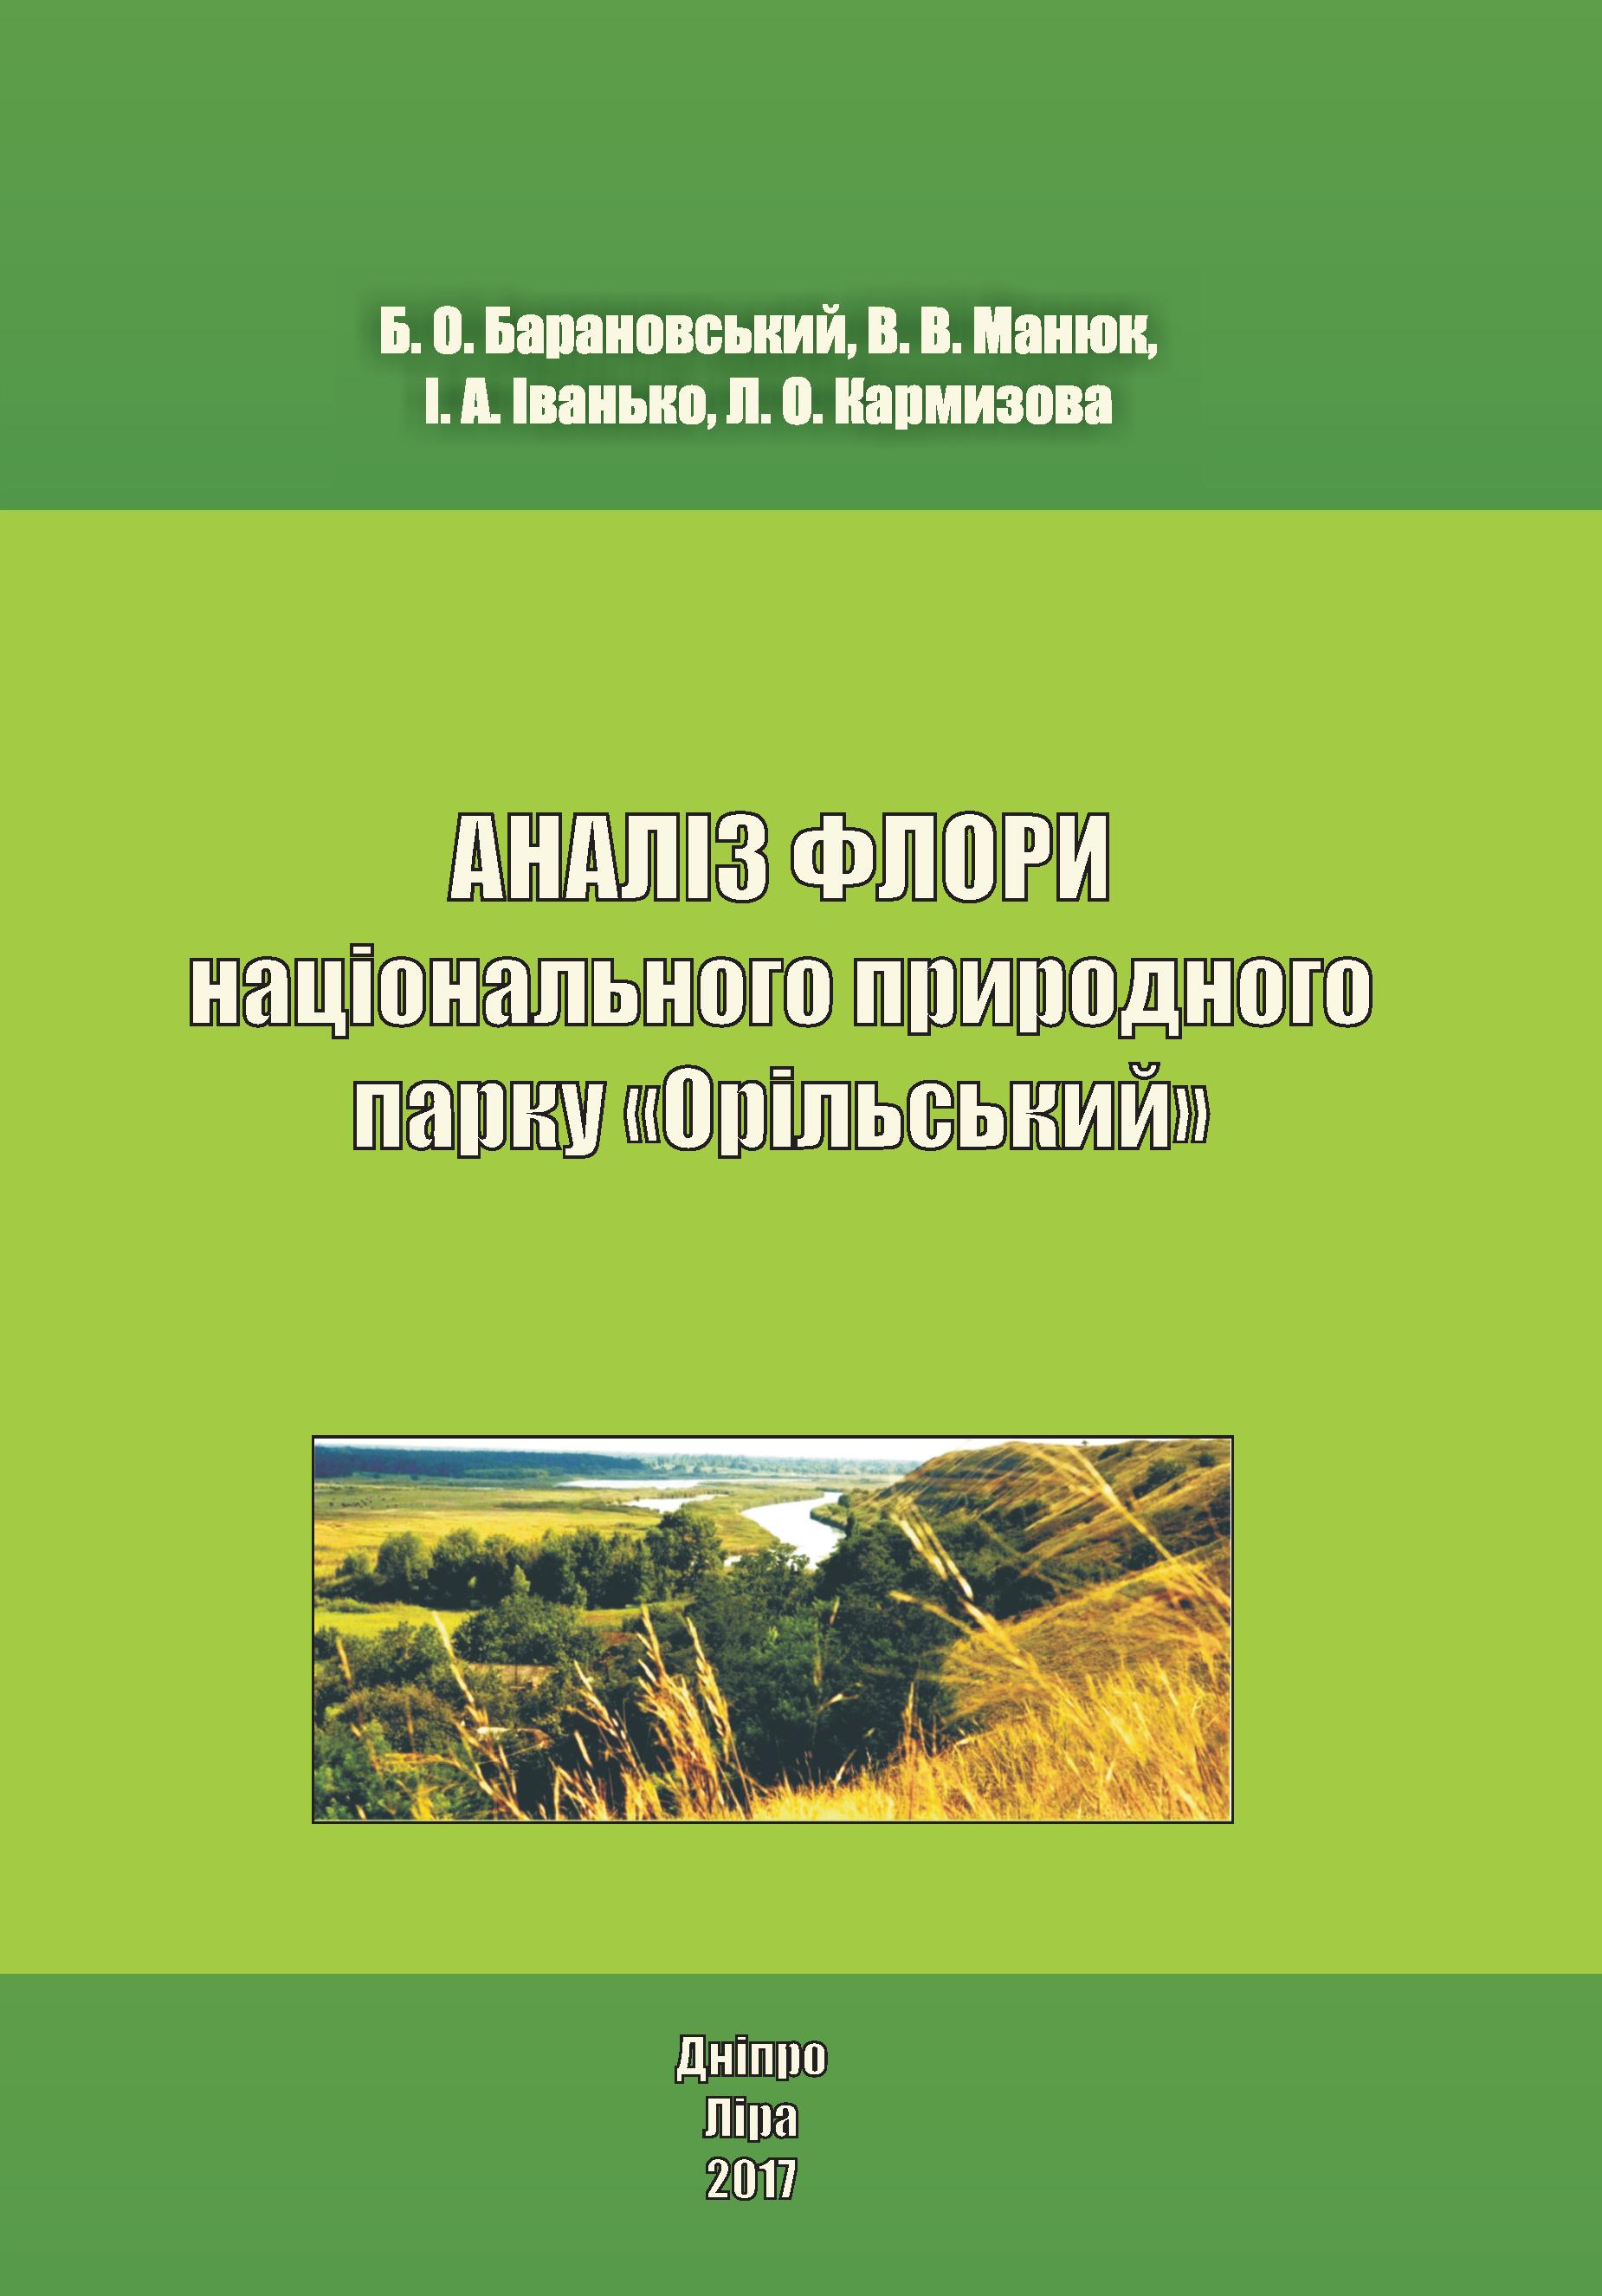 Аналіз флори Національного природного парку «Орільський»